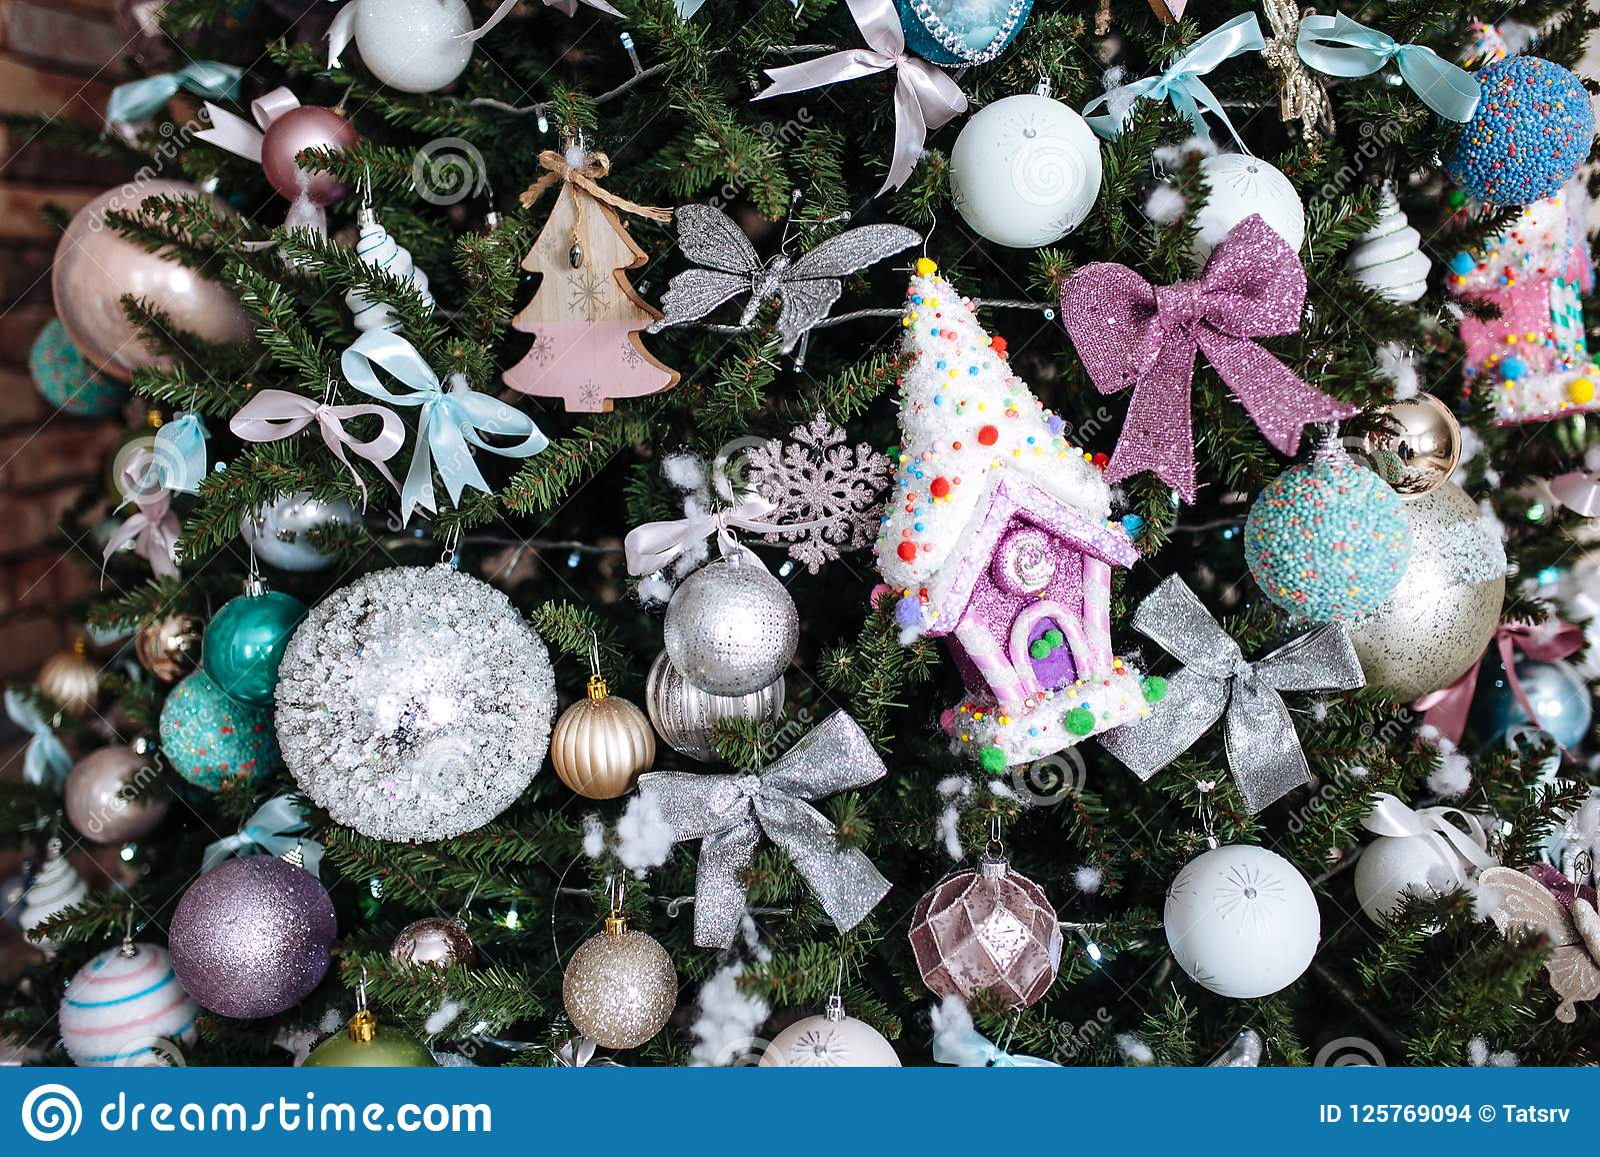 Christmas Ball Garlands.Christmas Decorations On The Christmas Tree Snowflakes